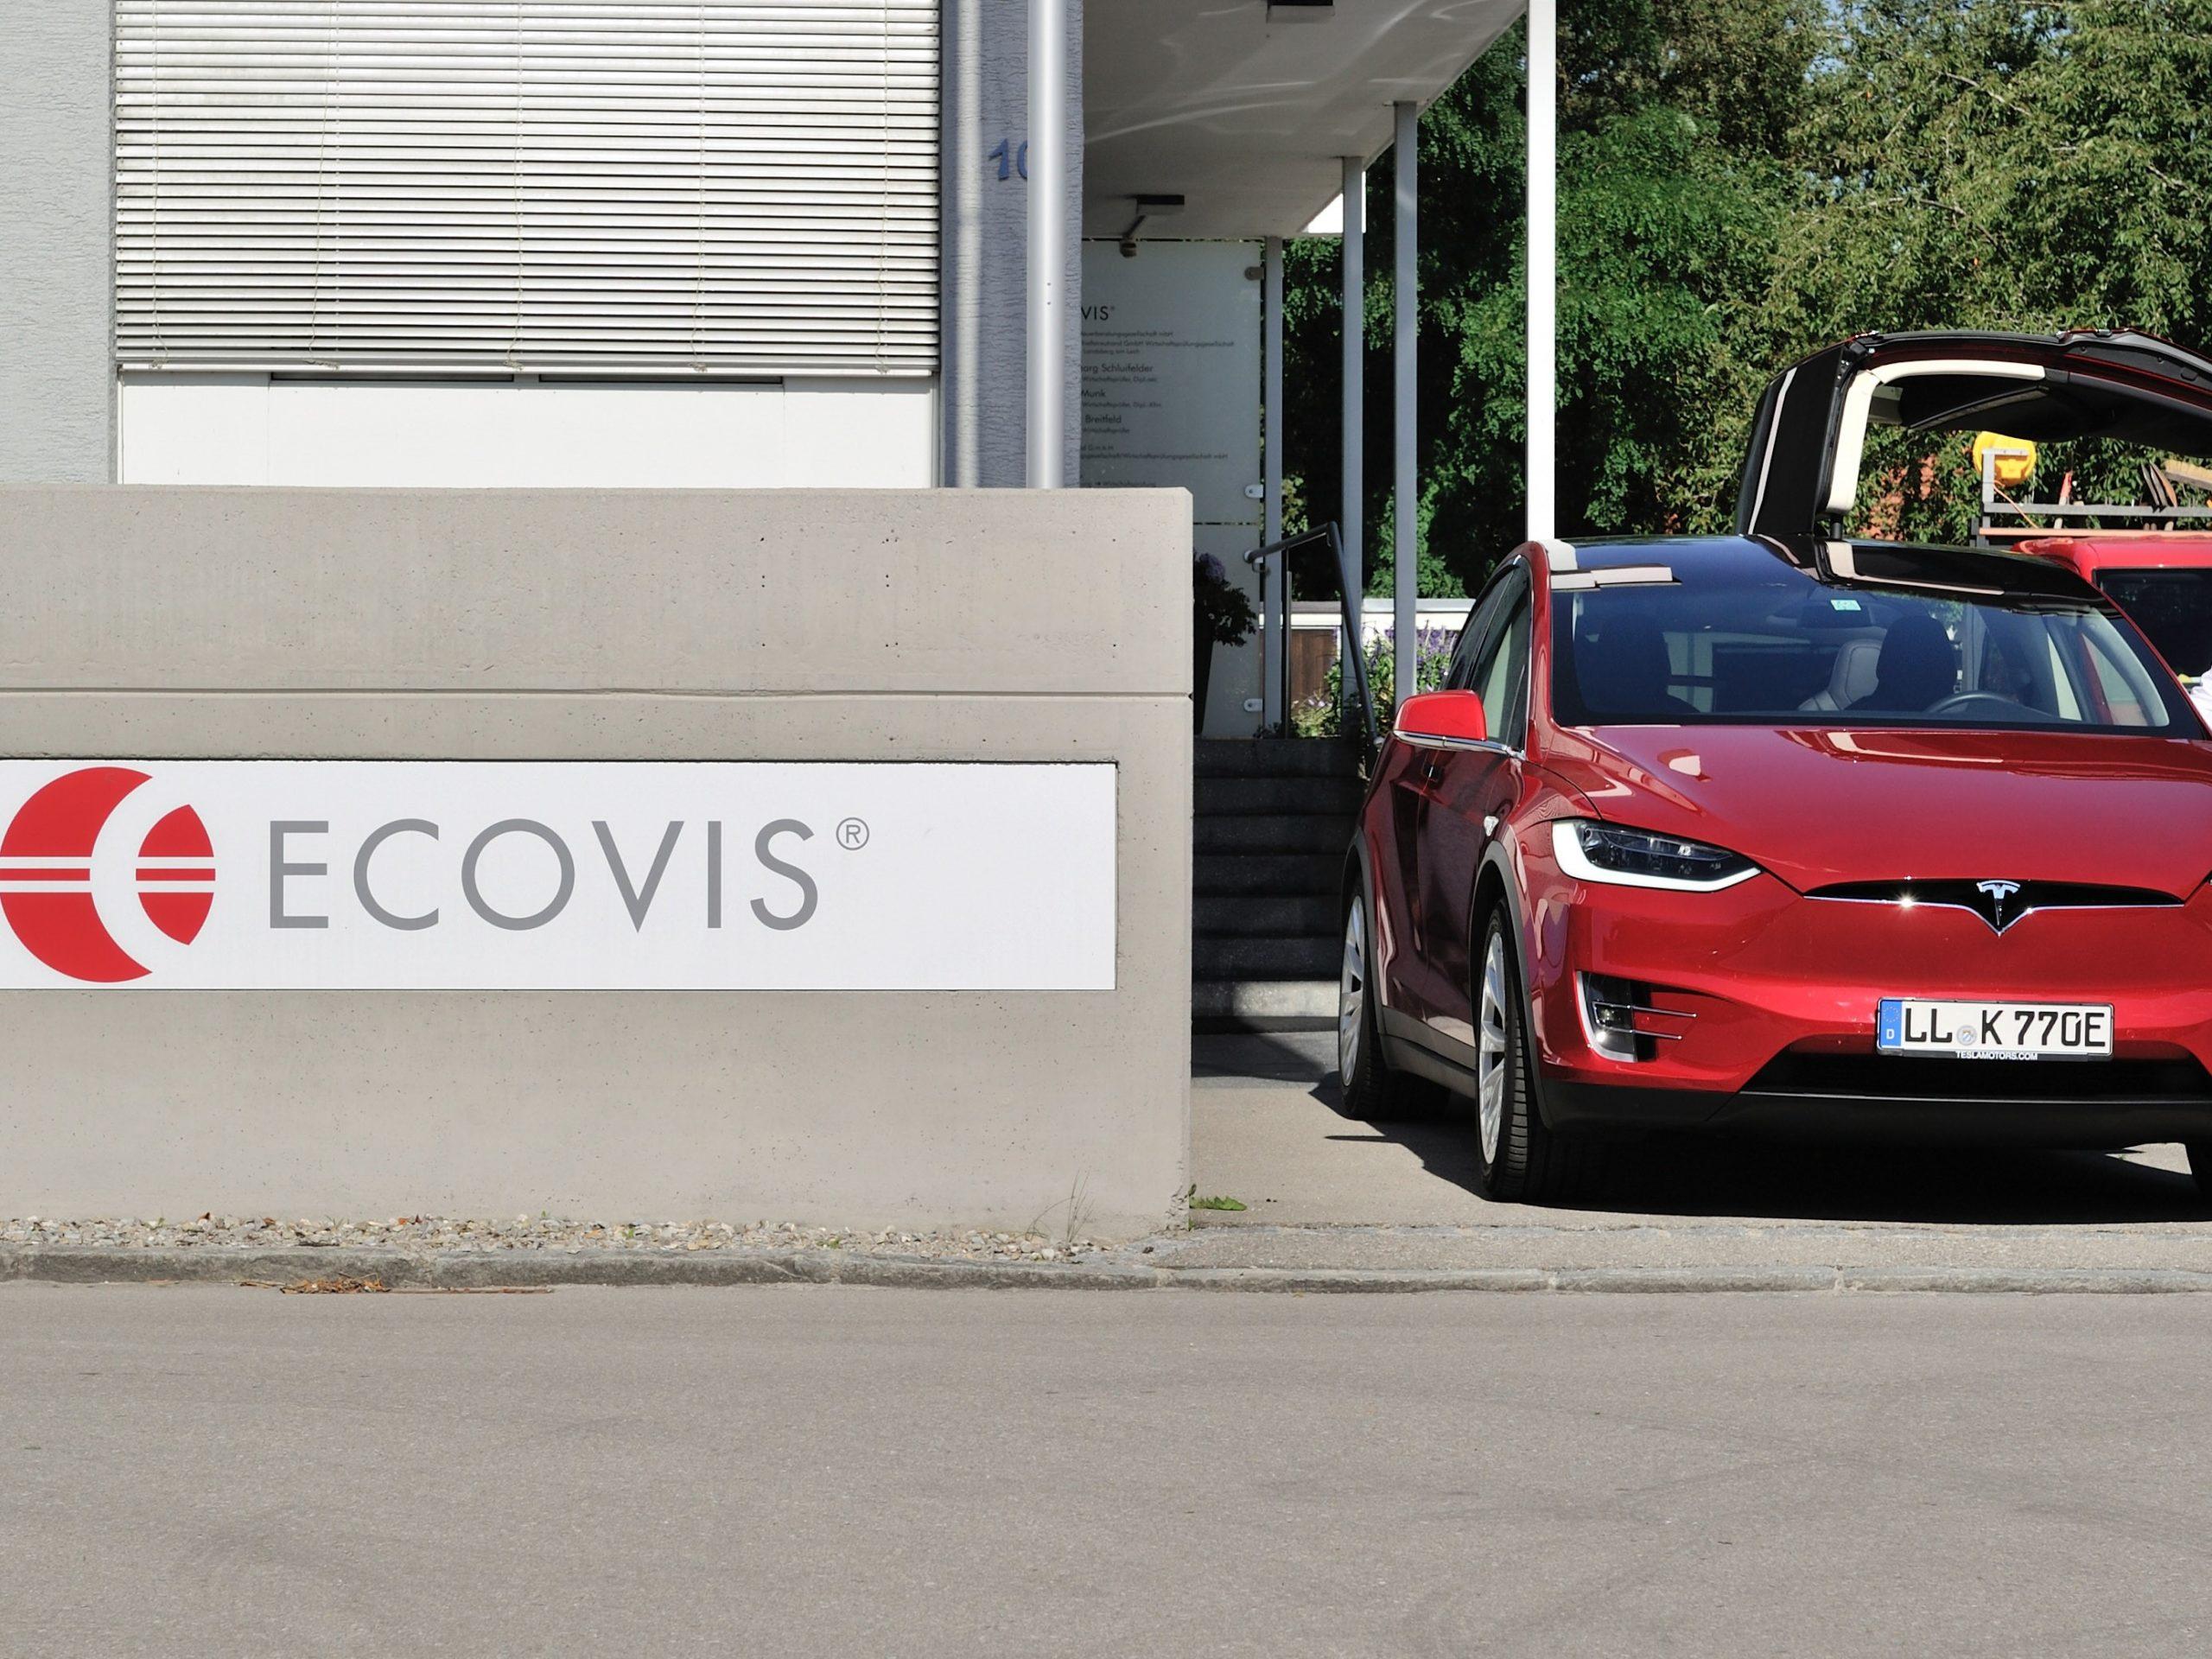 ECOVIS ježek odpovědnost za autonomní stroje Průmysl 4.0 .jpg